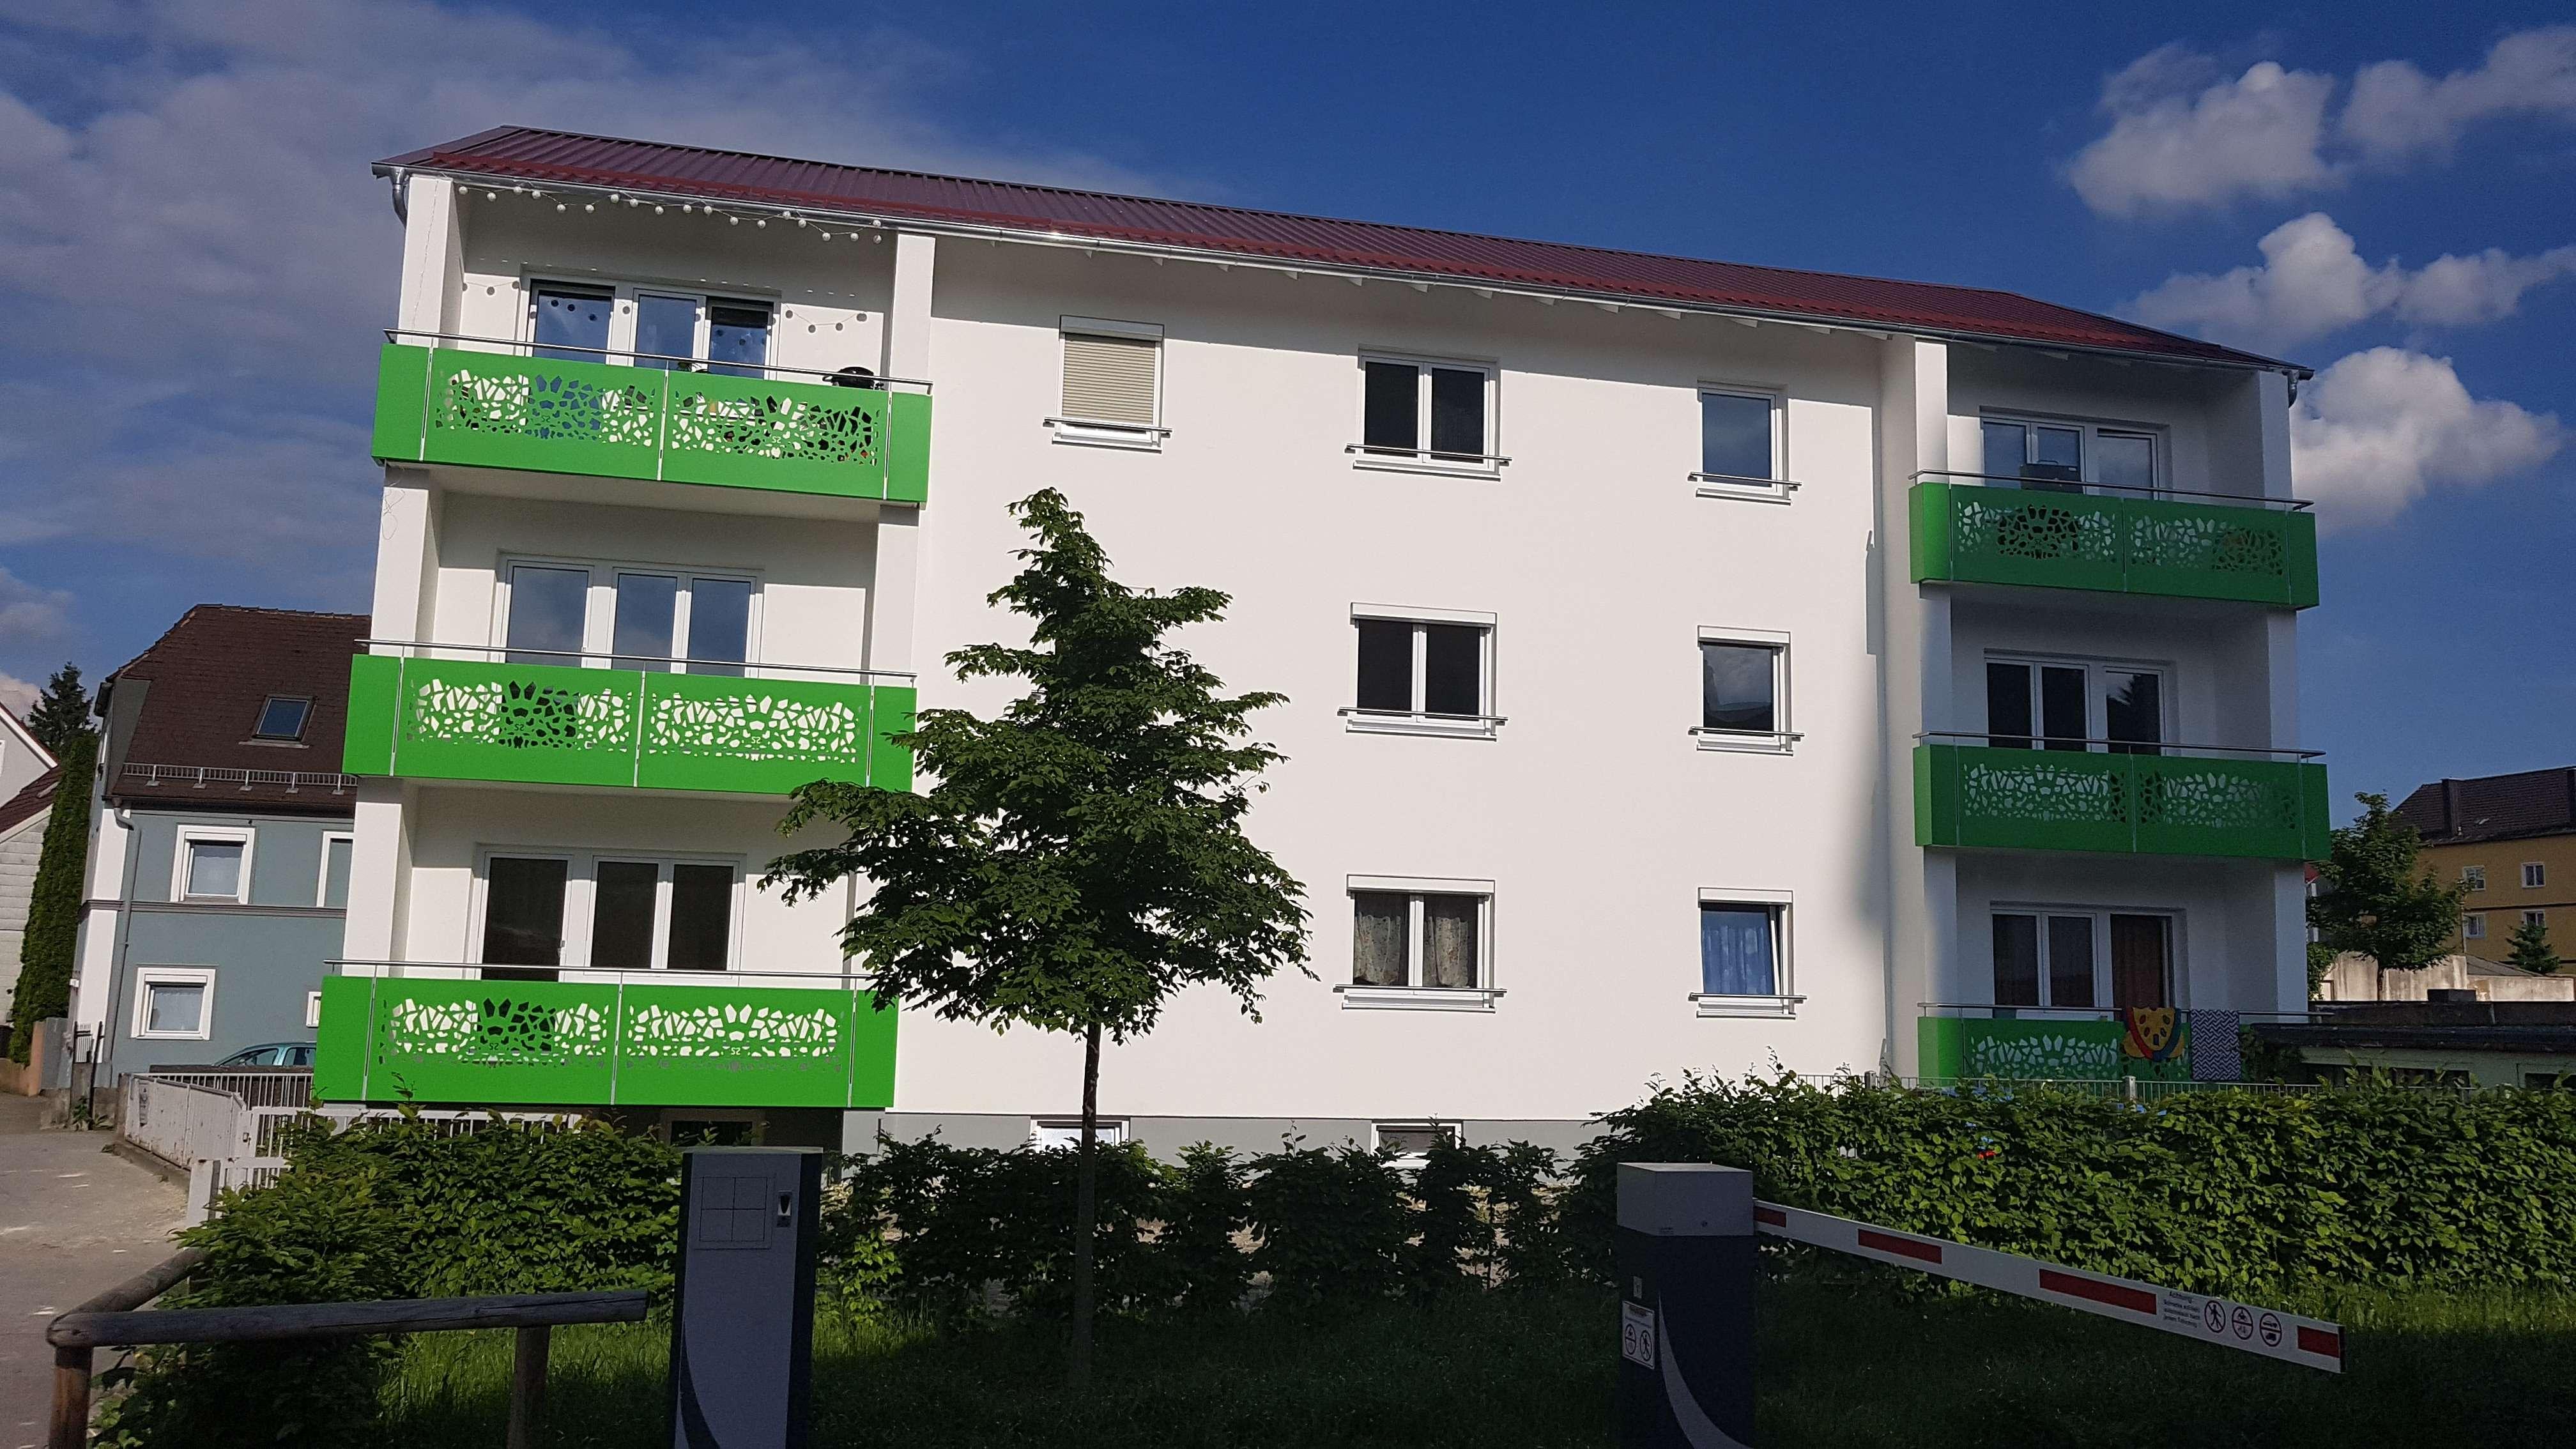 Wunderschöne, moderne 2-Zimmer-Wohnung in Straubing mit Balkon und Wohnküche in